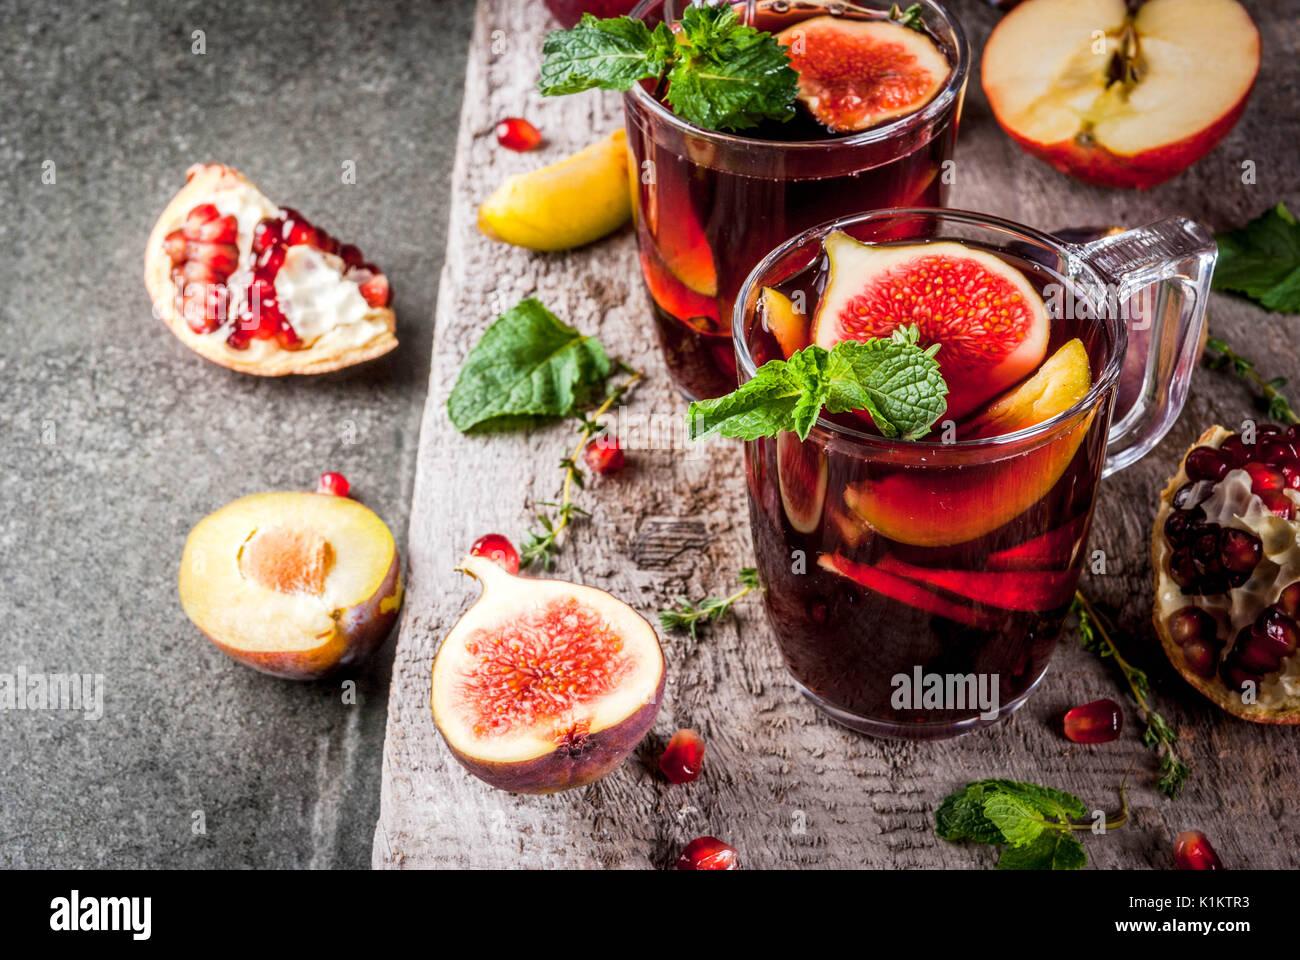 Erwärmung im Herbst, Winter Cocktail Rezepte. Hot red fruit Sangria ...